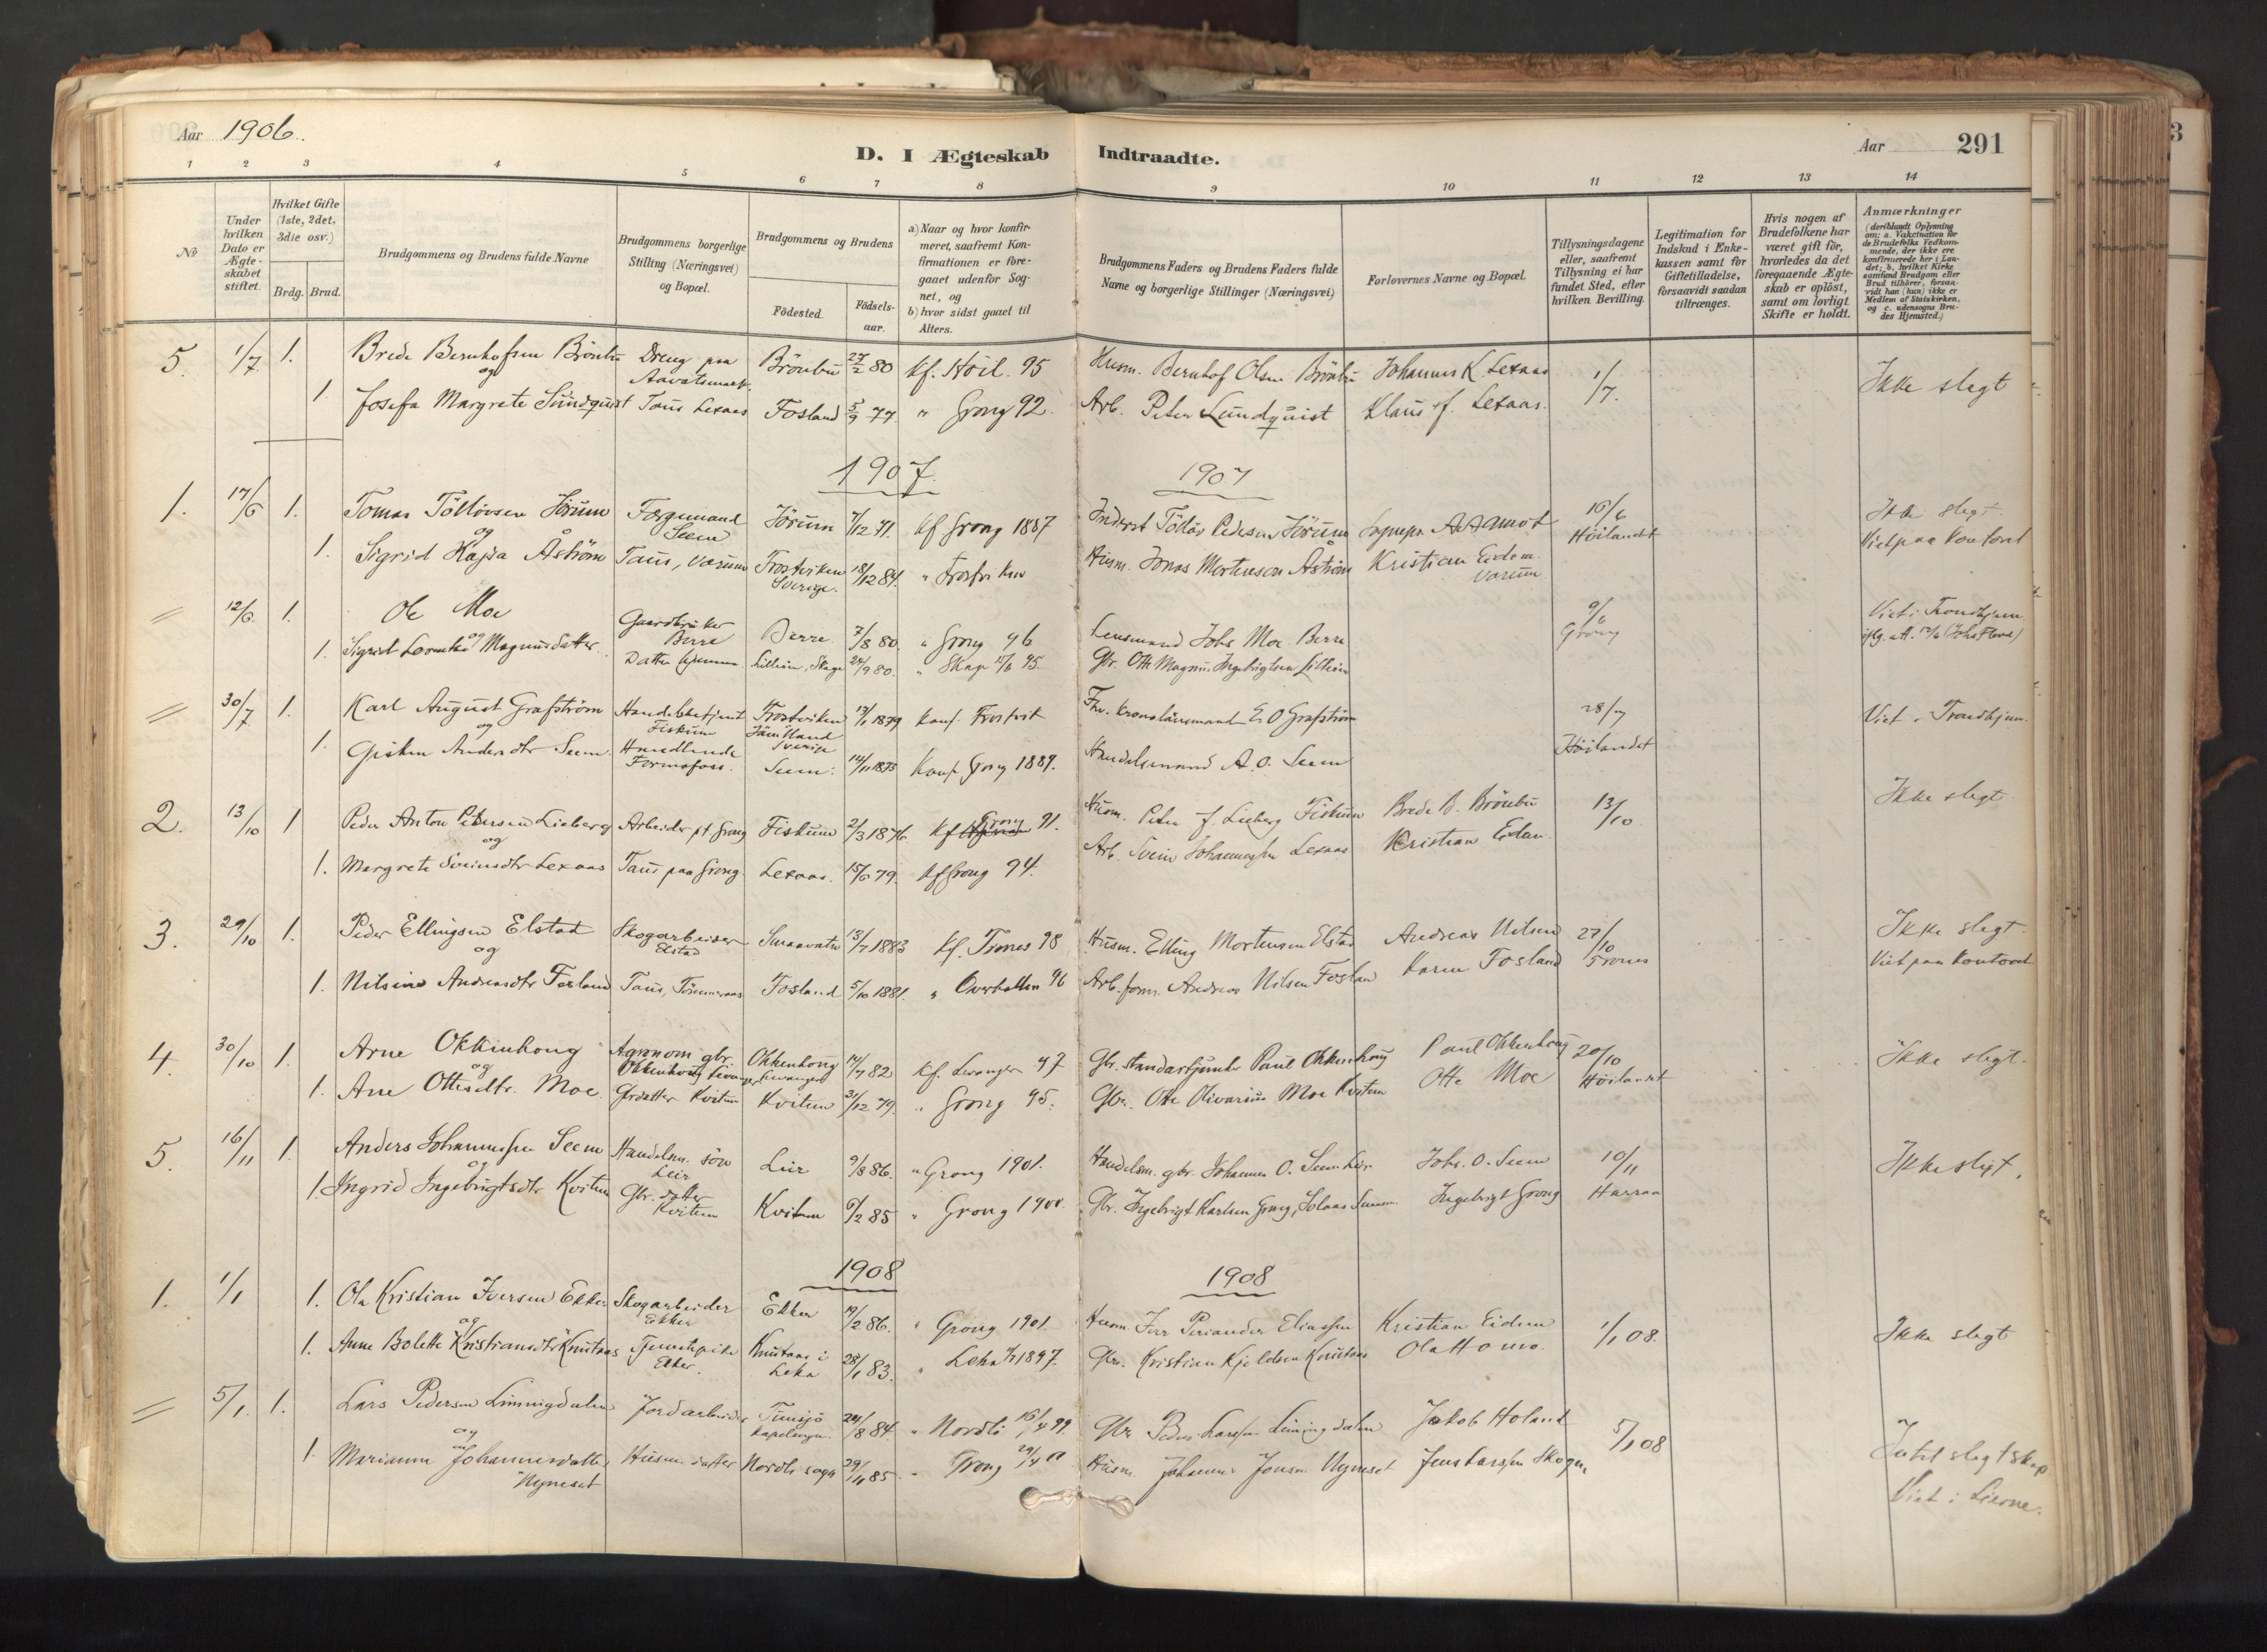 SAT, Ministerialprotokoller, klokkerbøker og fødselsregistre - Nord-Trøndelag, 758/L0519: Ministerialbok nr. 758A04, 1880-1926, s. 291